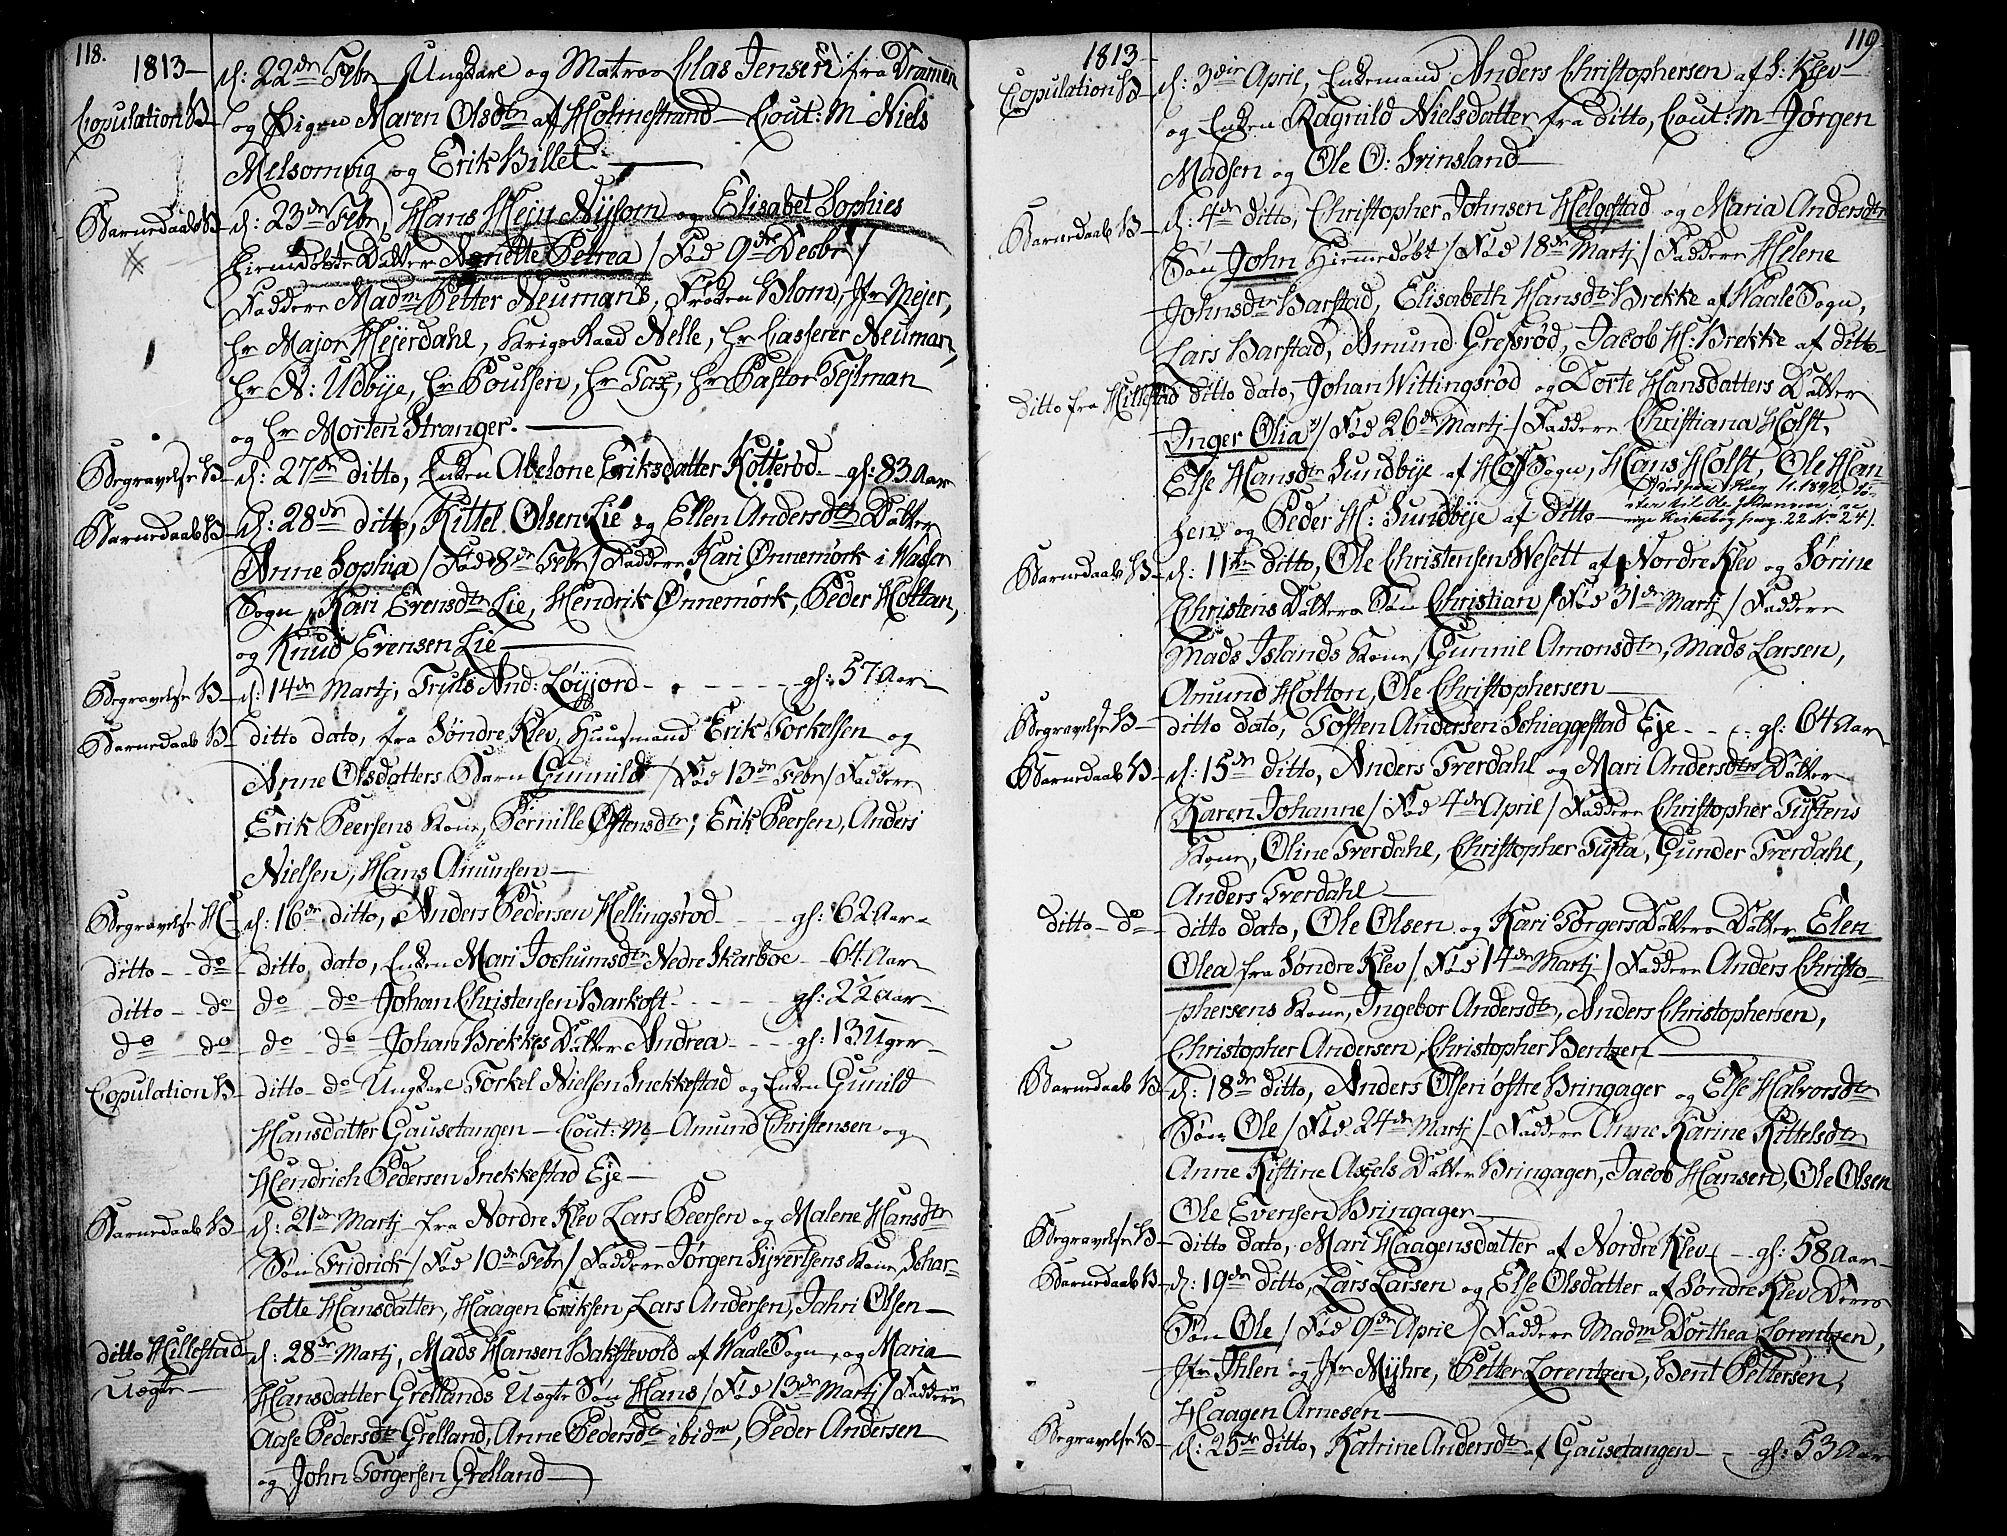 SAKO, Botne kirkebøker, F/Fa/L0003: Ministerialbok nr. I 3 /1, 1792-1844, s. 118-119